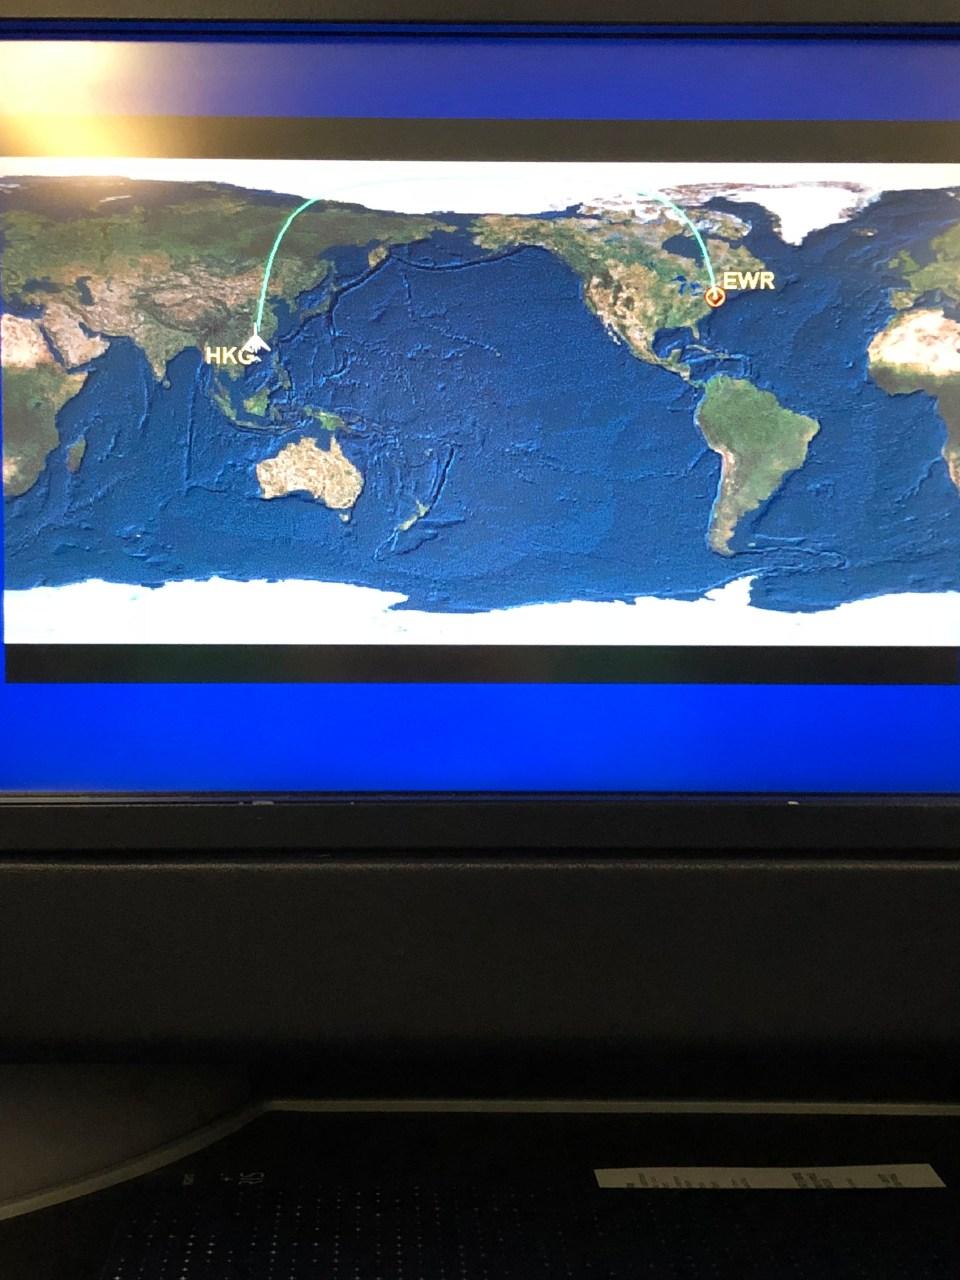 Hong Kong to New Jersey flight map 2